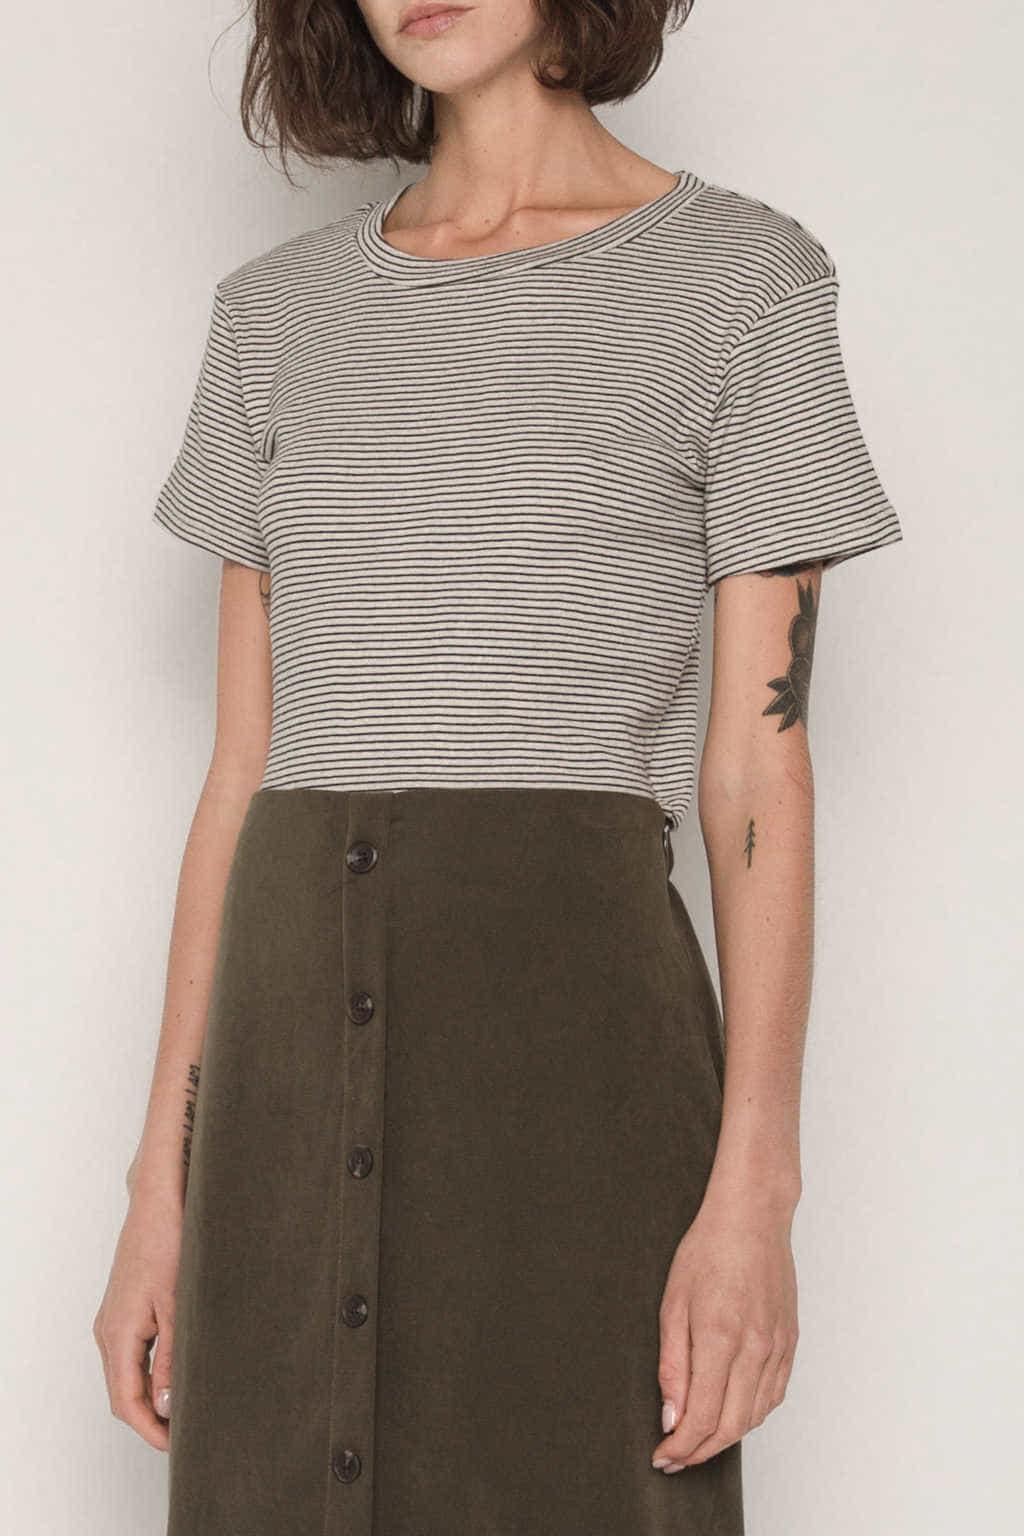 Skirt H112 Olive 2